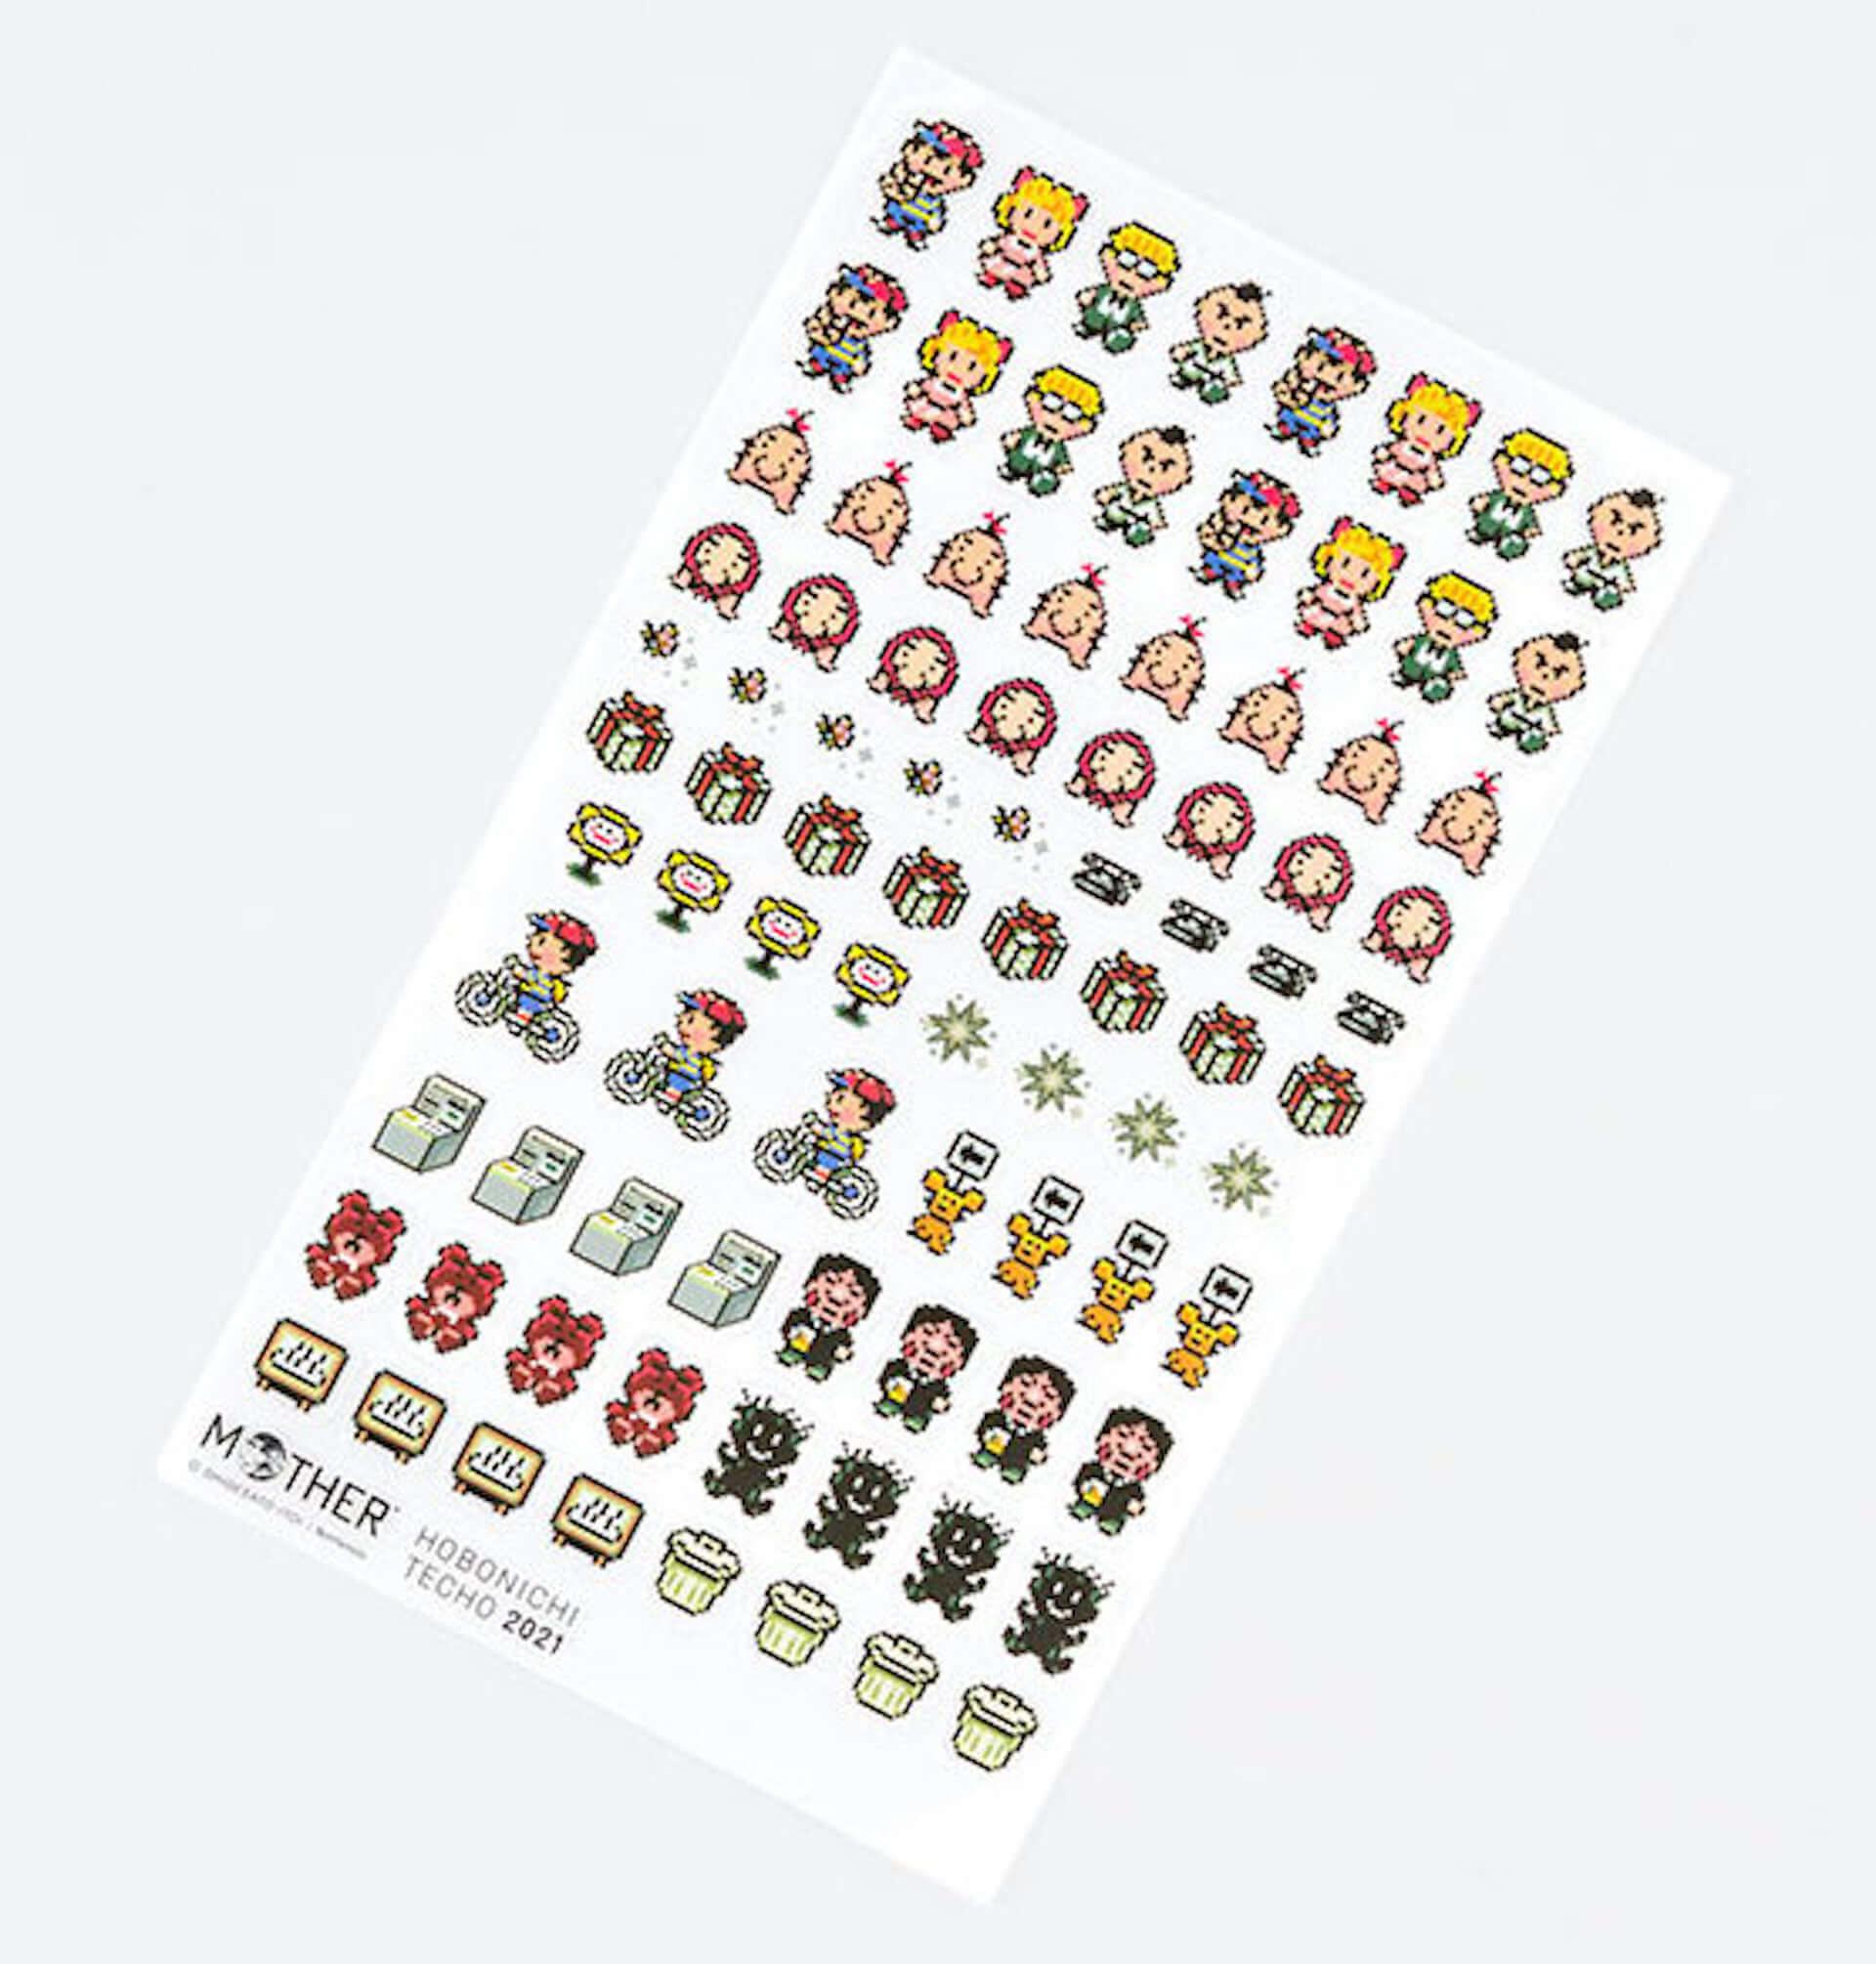 どせいさんやネスも登場!『MOTHER』デザインの『ほぼ日手帳』2021年版のラインナップが大公開 art2000825_mother-hobonichi_11-1920x2010